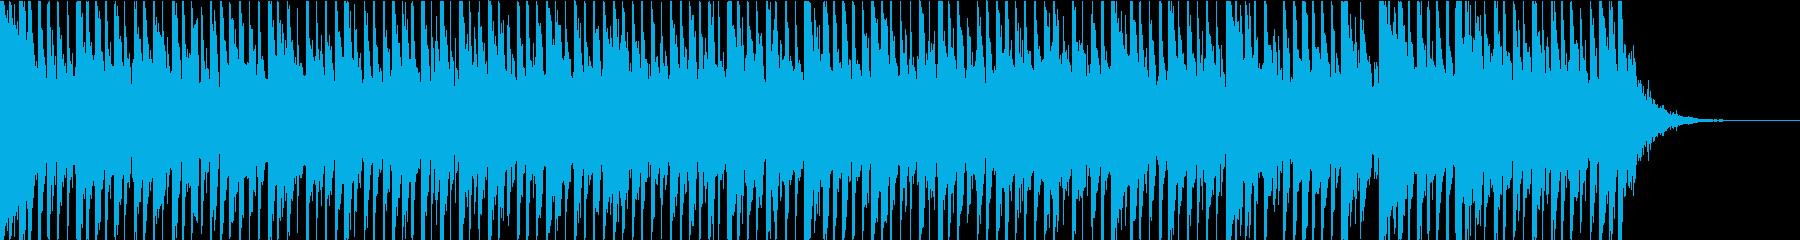 科学ドキュメンタリーBGMの再生済みの波形